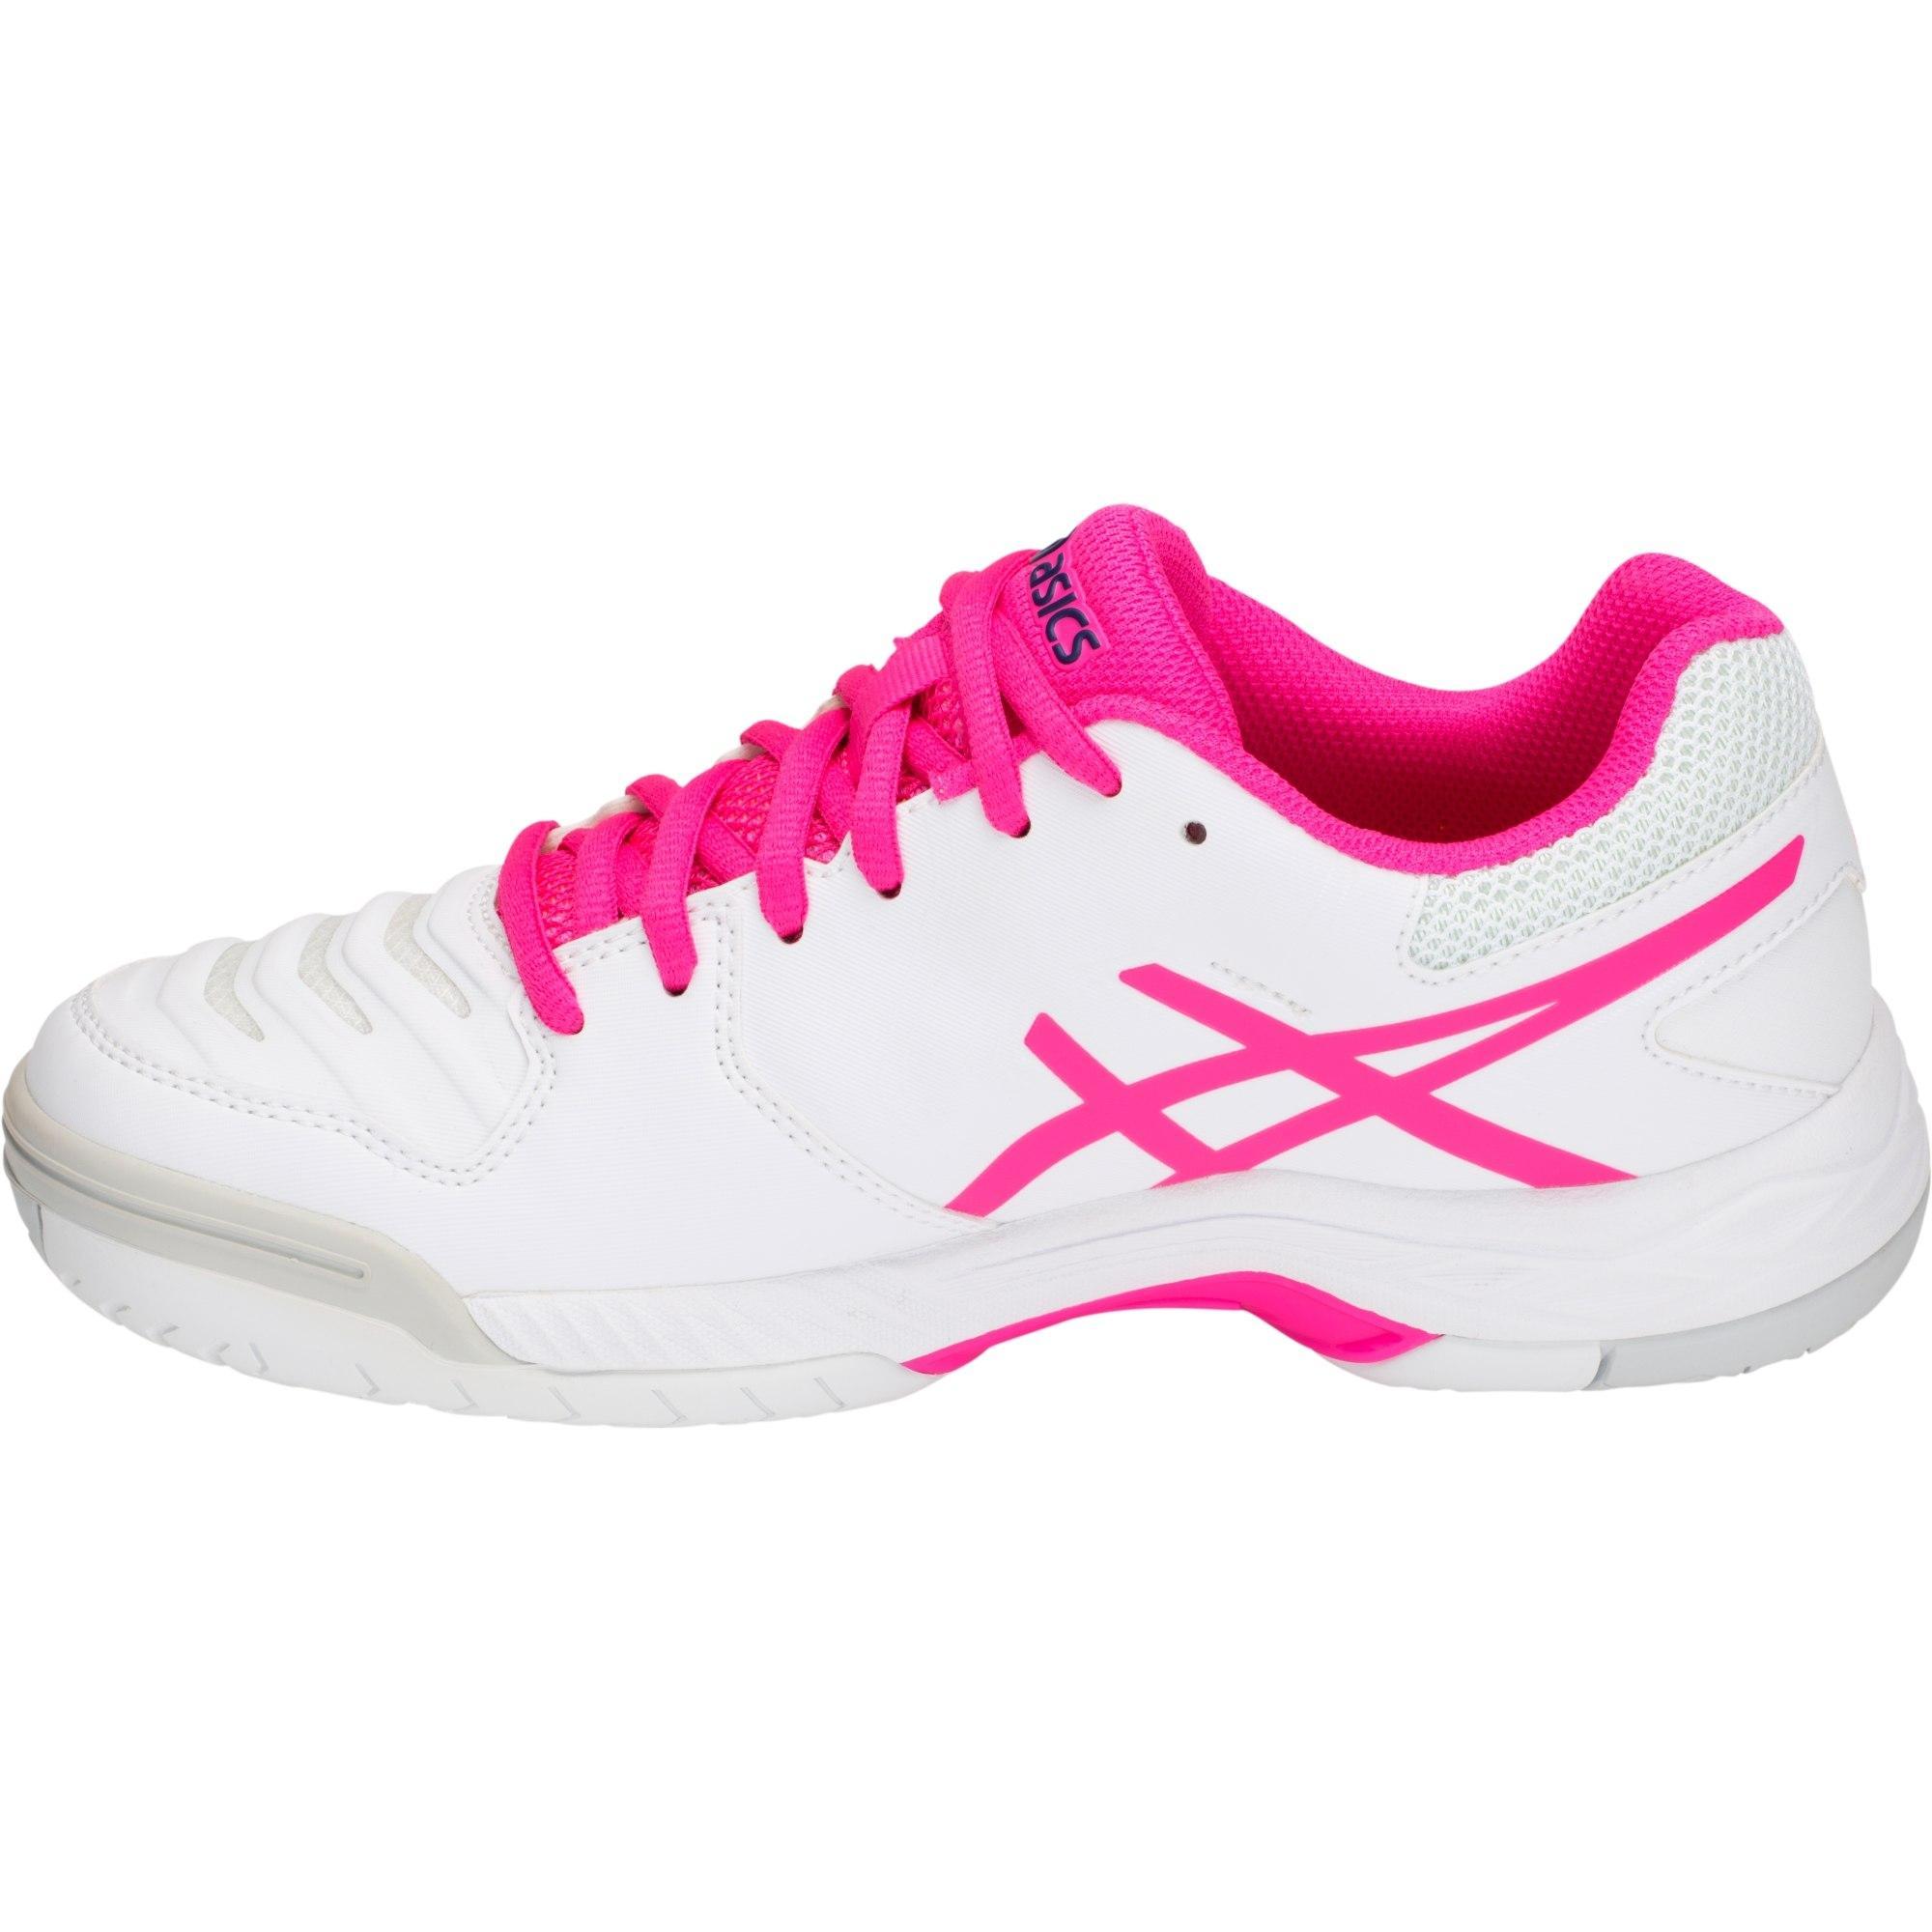 Asics Womens GEL-Game 6 Tennis Shoes - White/Pink Glow ...